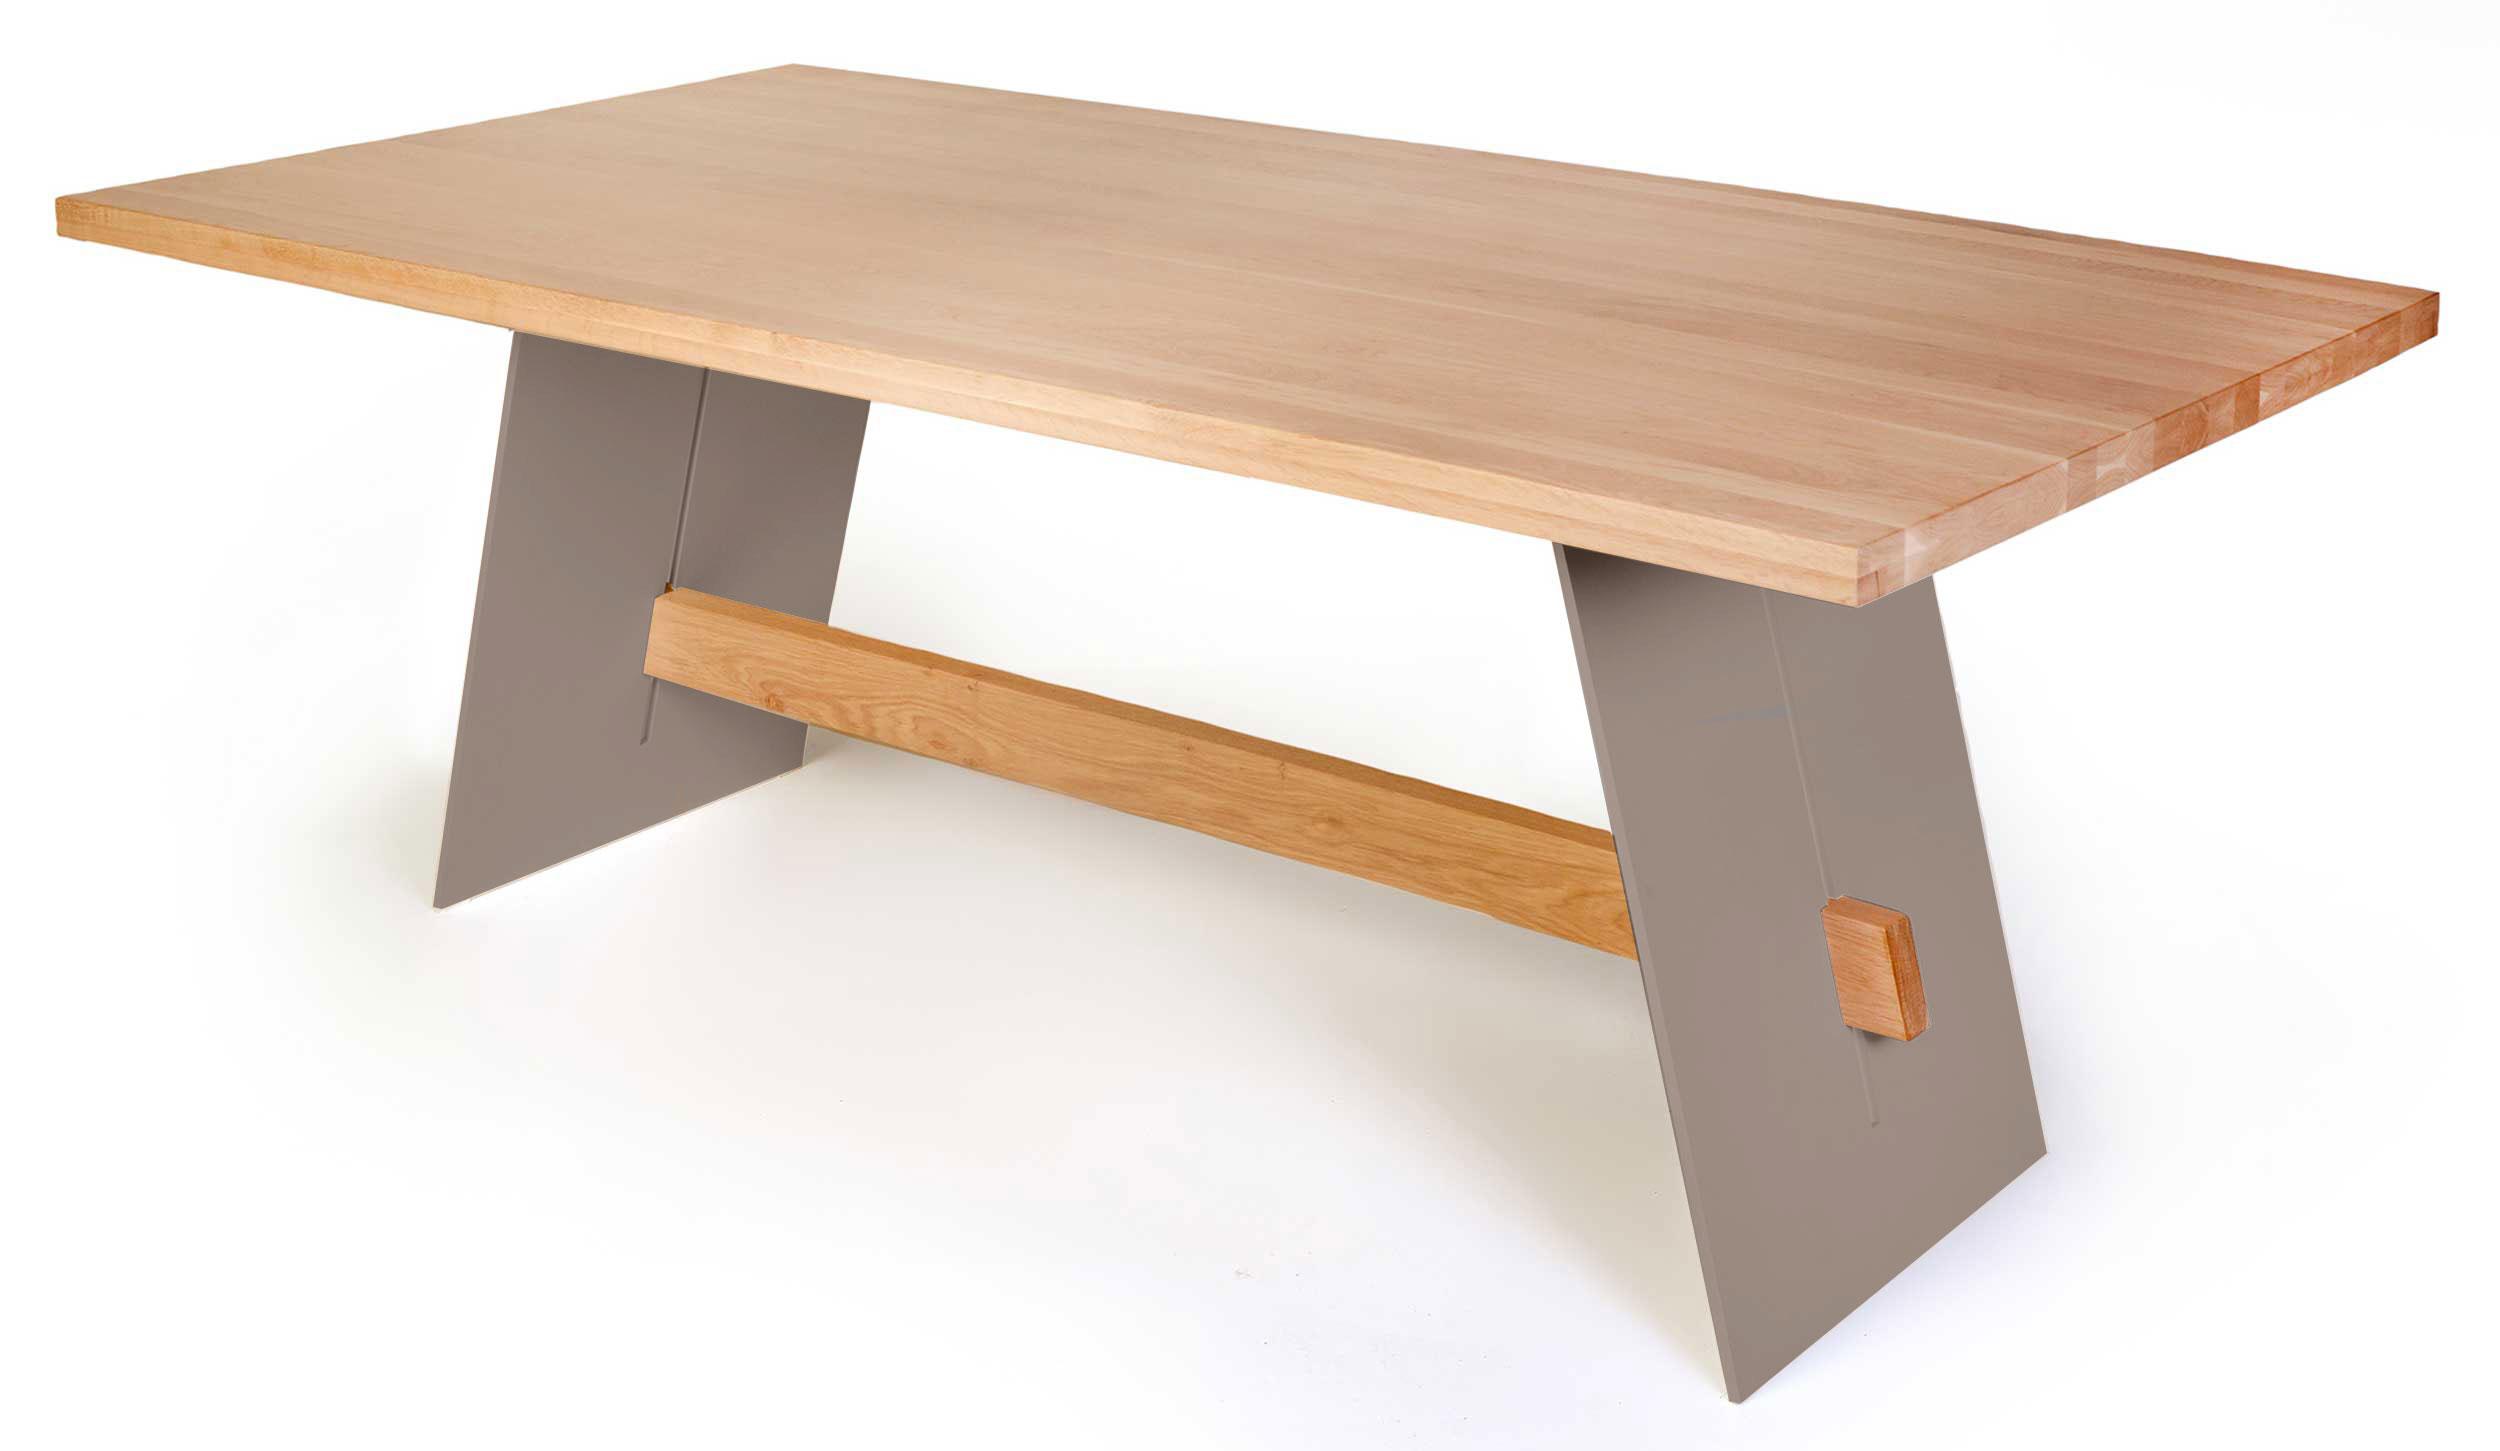 Standard Furniture Aladin Esstisch 180x90 cm eiche mit Metallwangen taupe